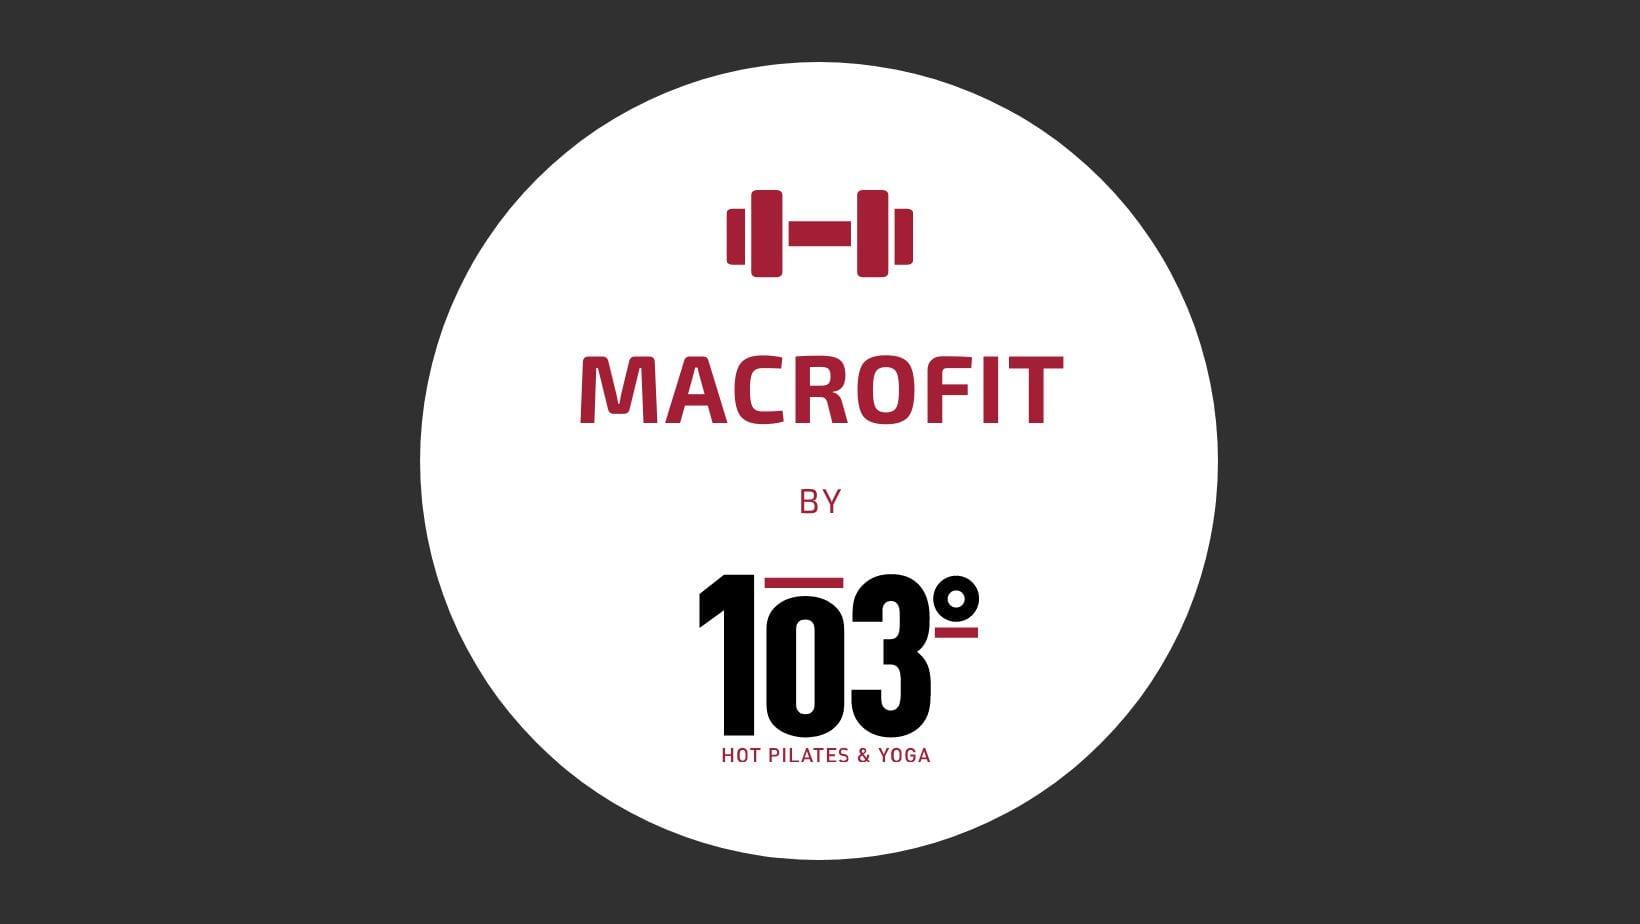 MacroFit by 103